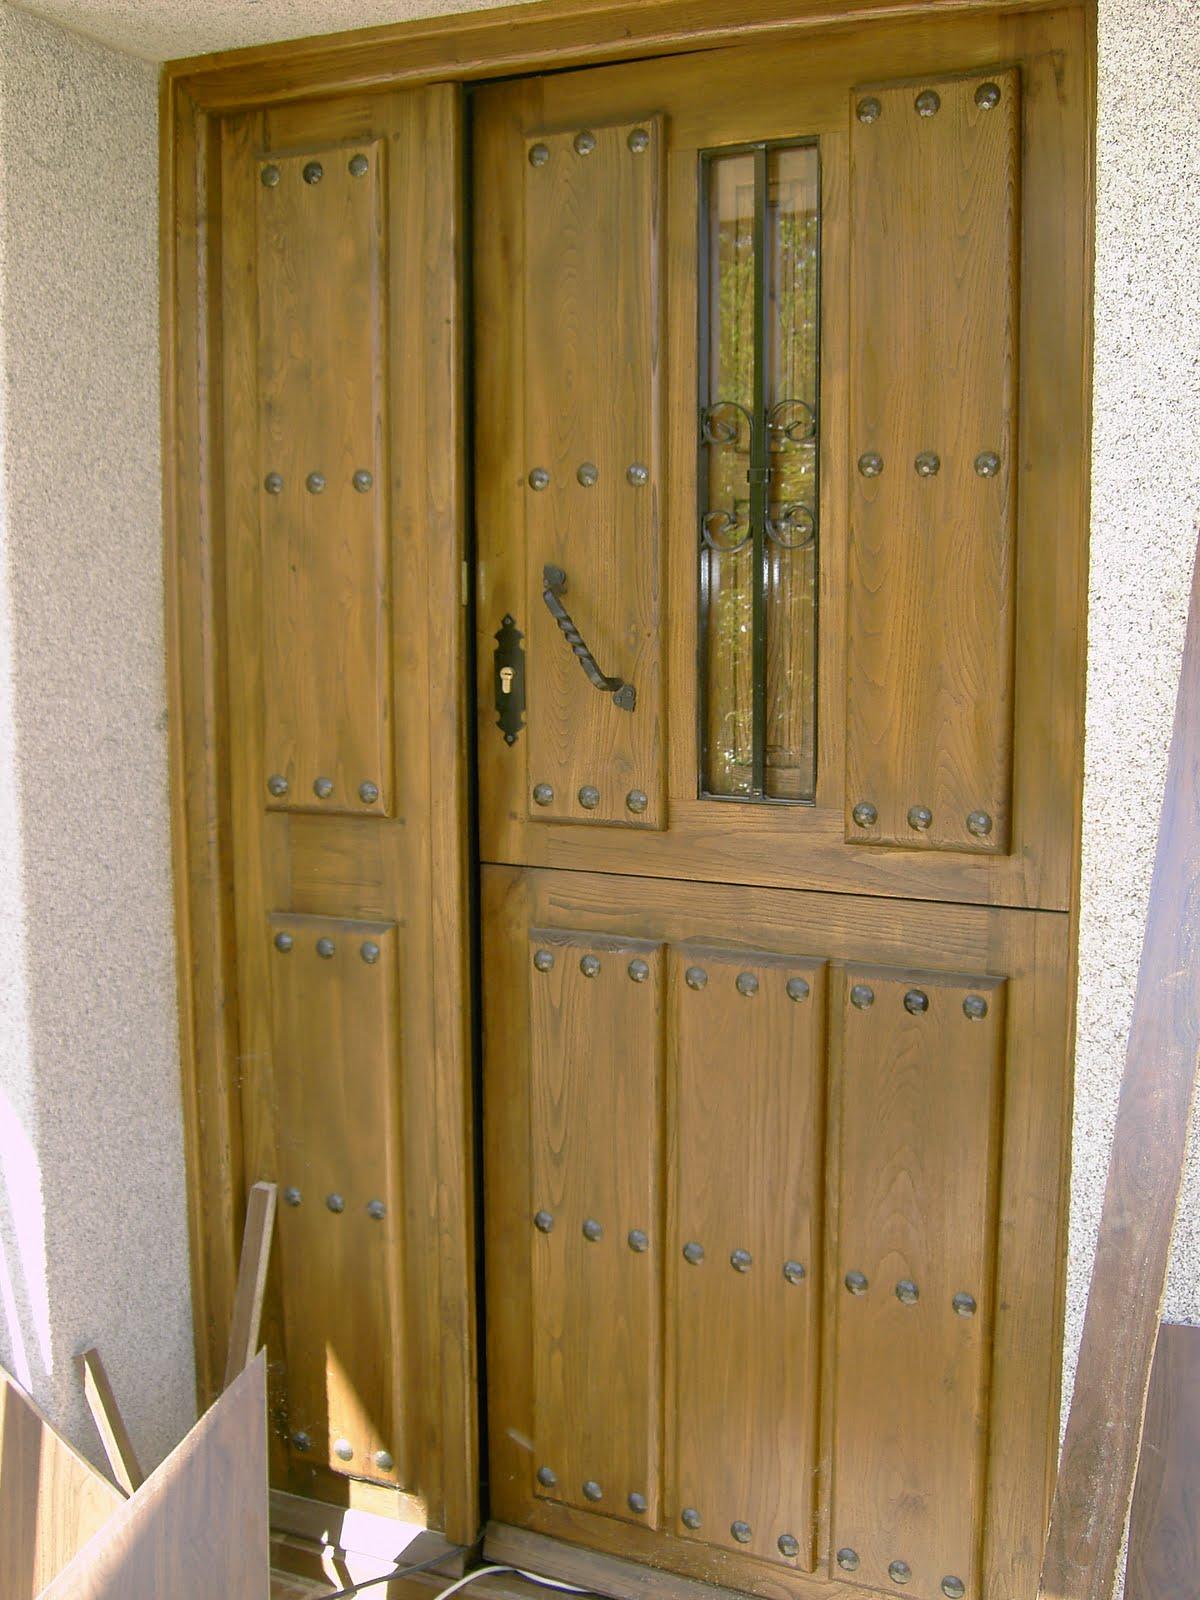 Carpinteria de madera corriols artesanos de hervas puertas construidas artesanamente - Puertas de castano ...